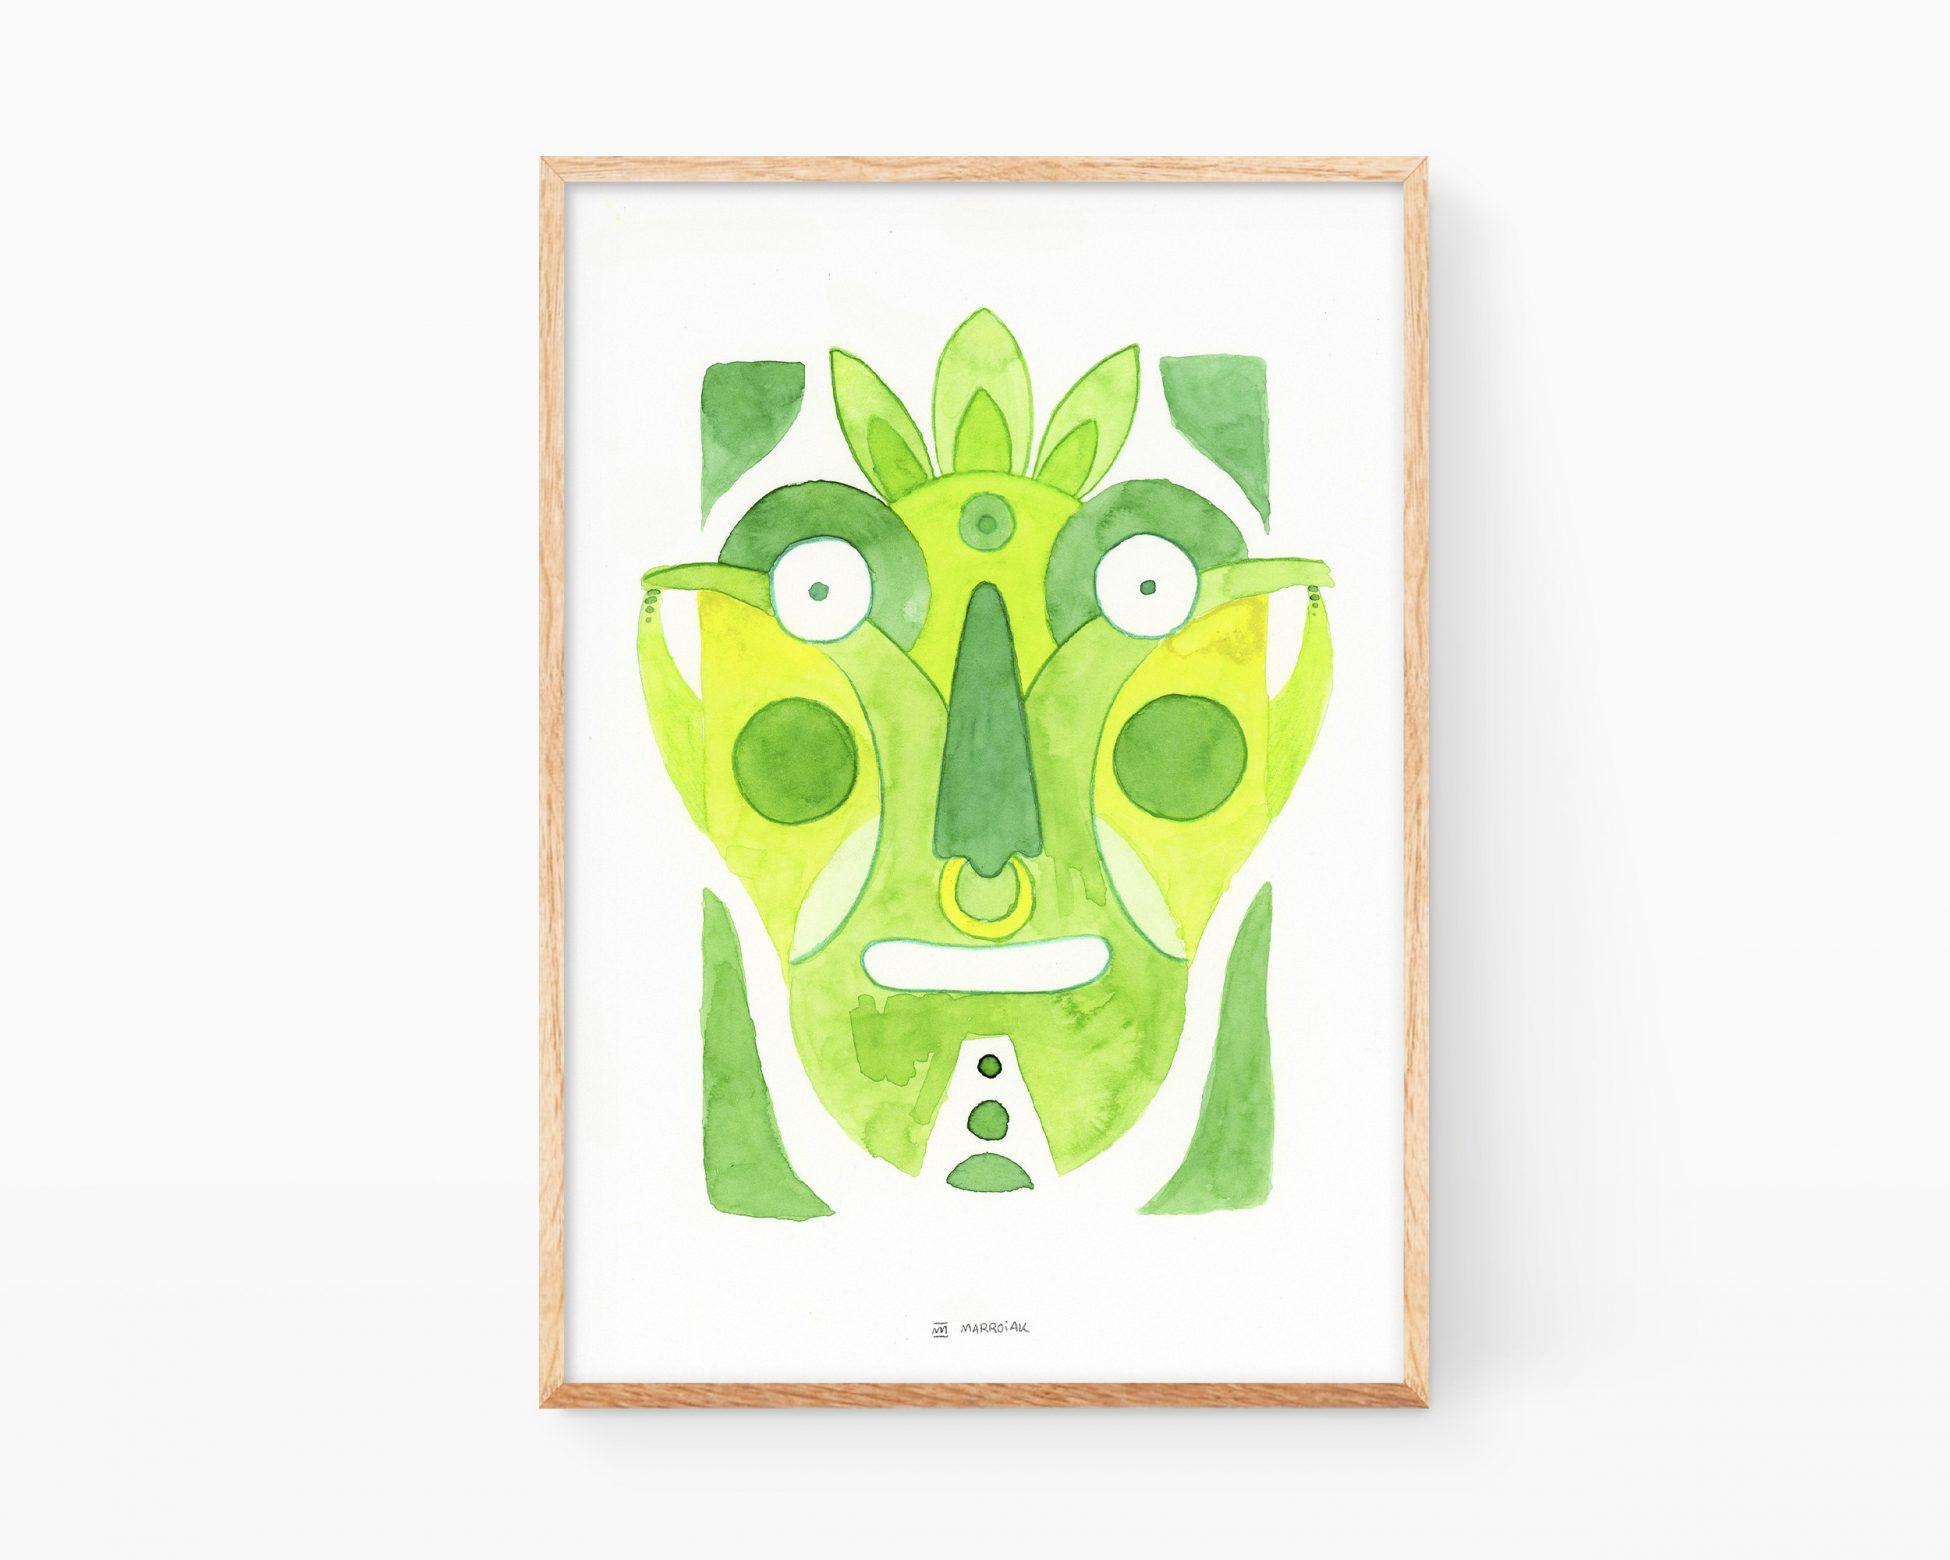 Cuadro para enmarcar decorativo con una pintura en acuarela de una cara semi abstracta. Color verde vegetal